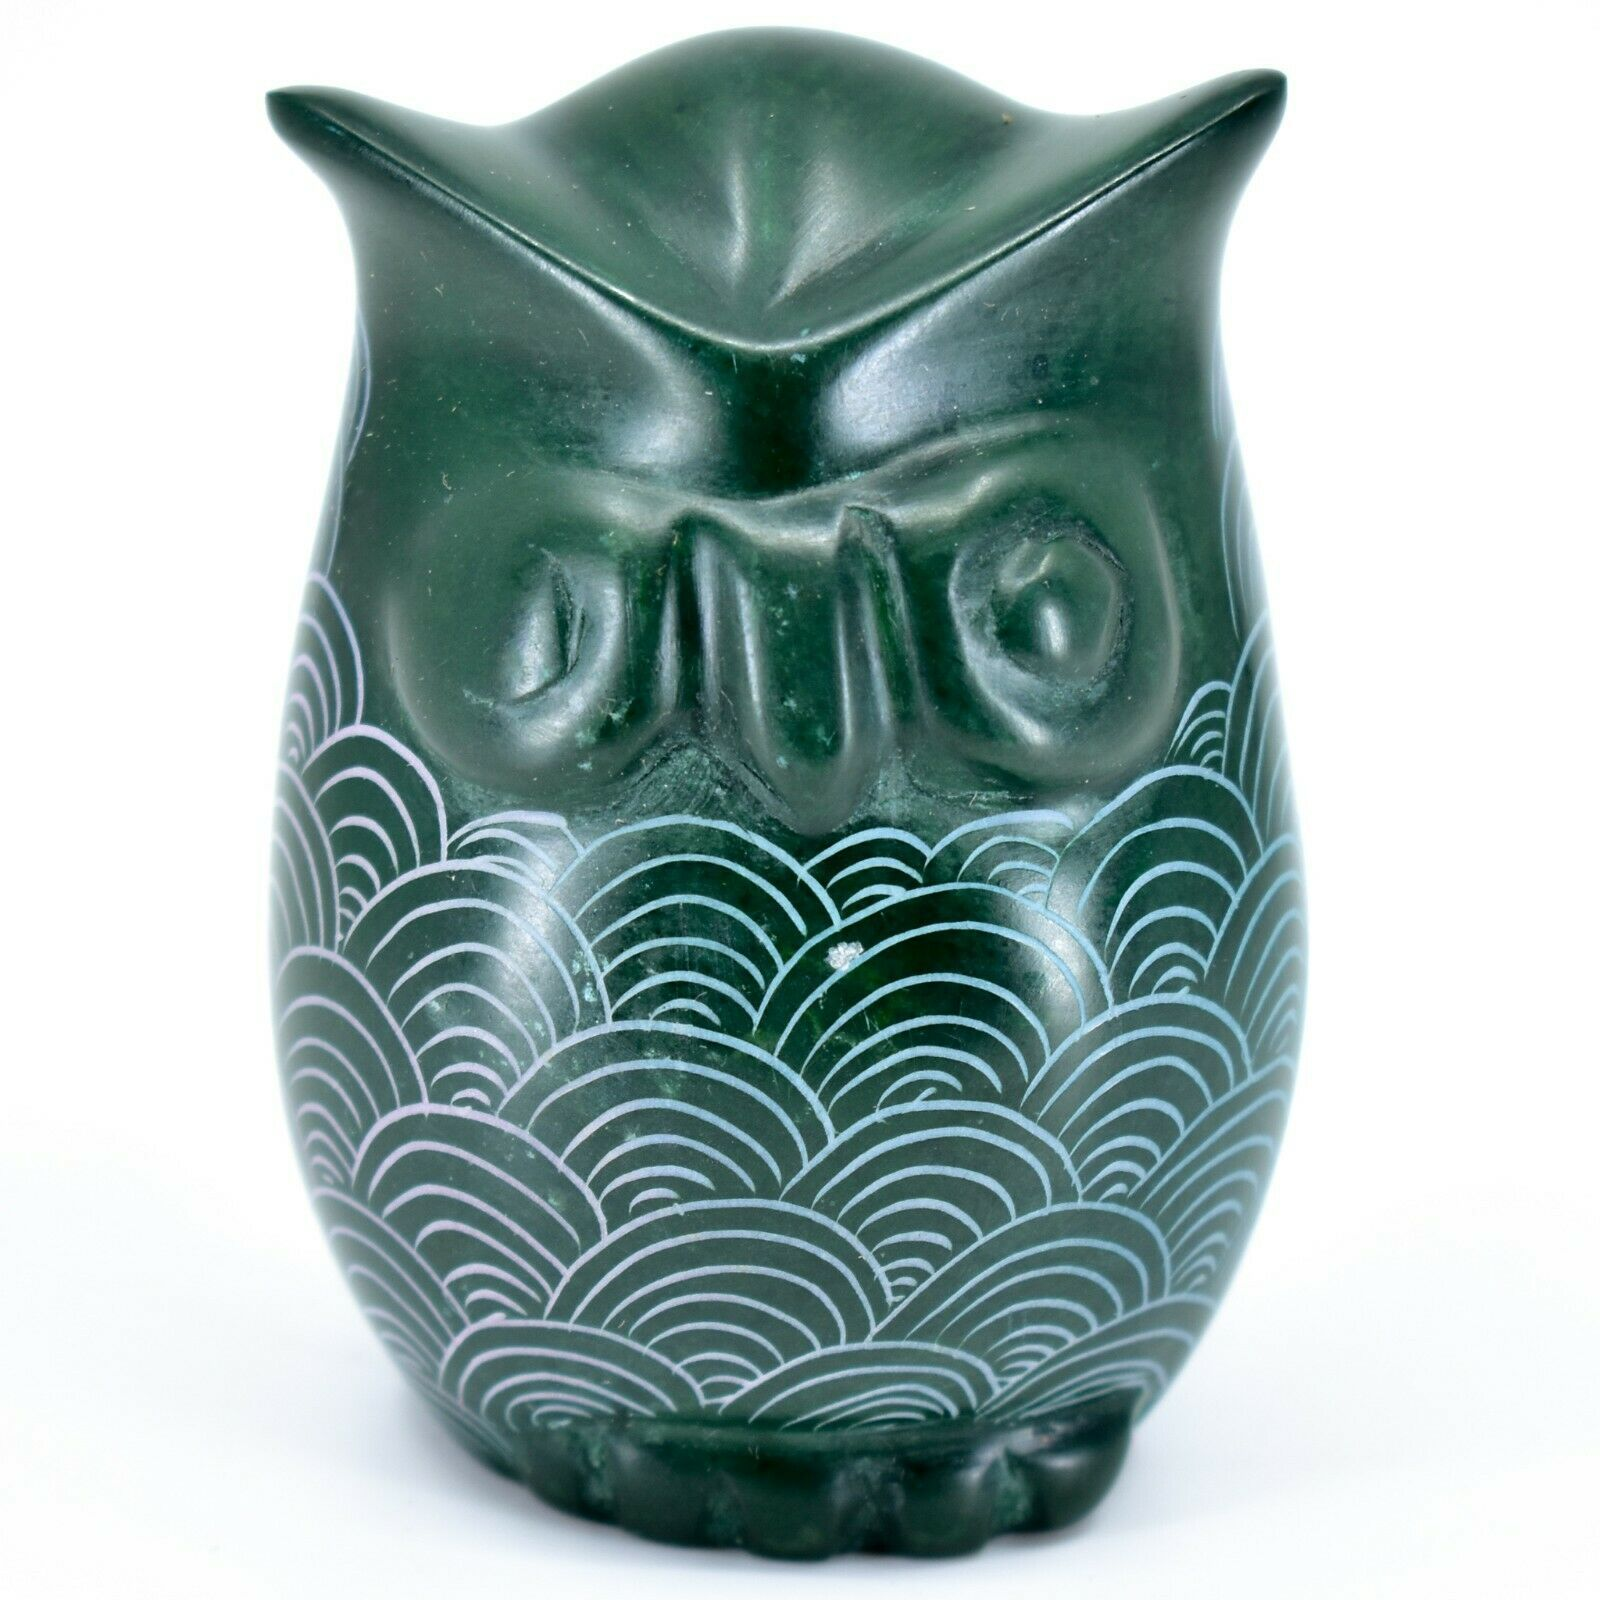 Tabaka Chigware Hand Carved Kisii Soapstone Green Owl Figurine Handmade in Kenya